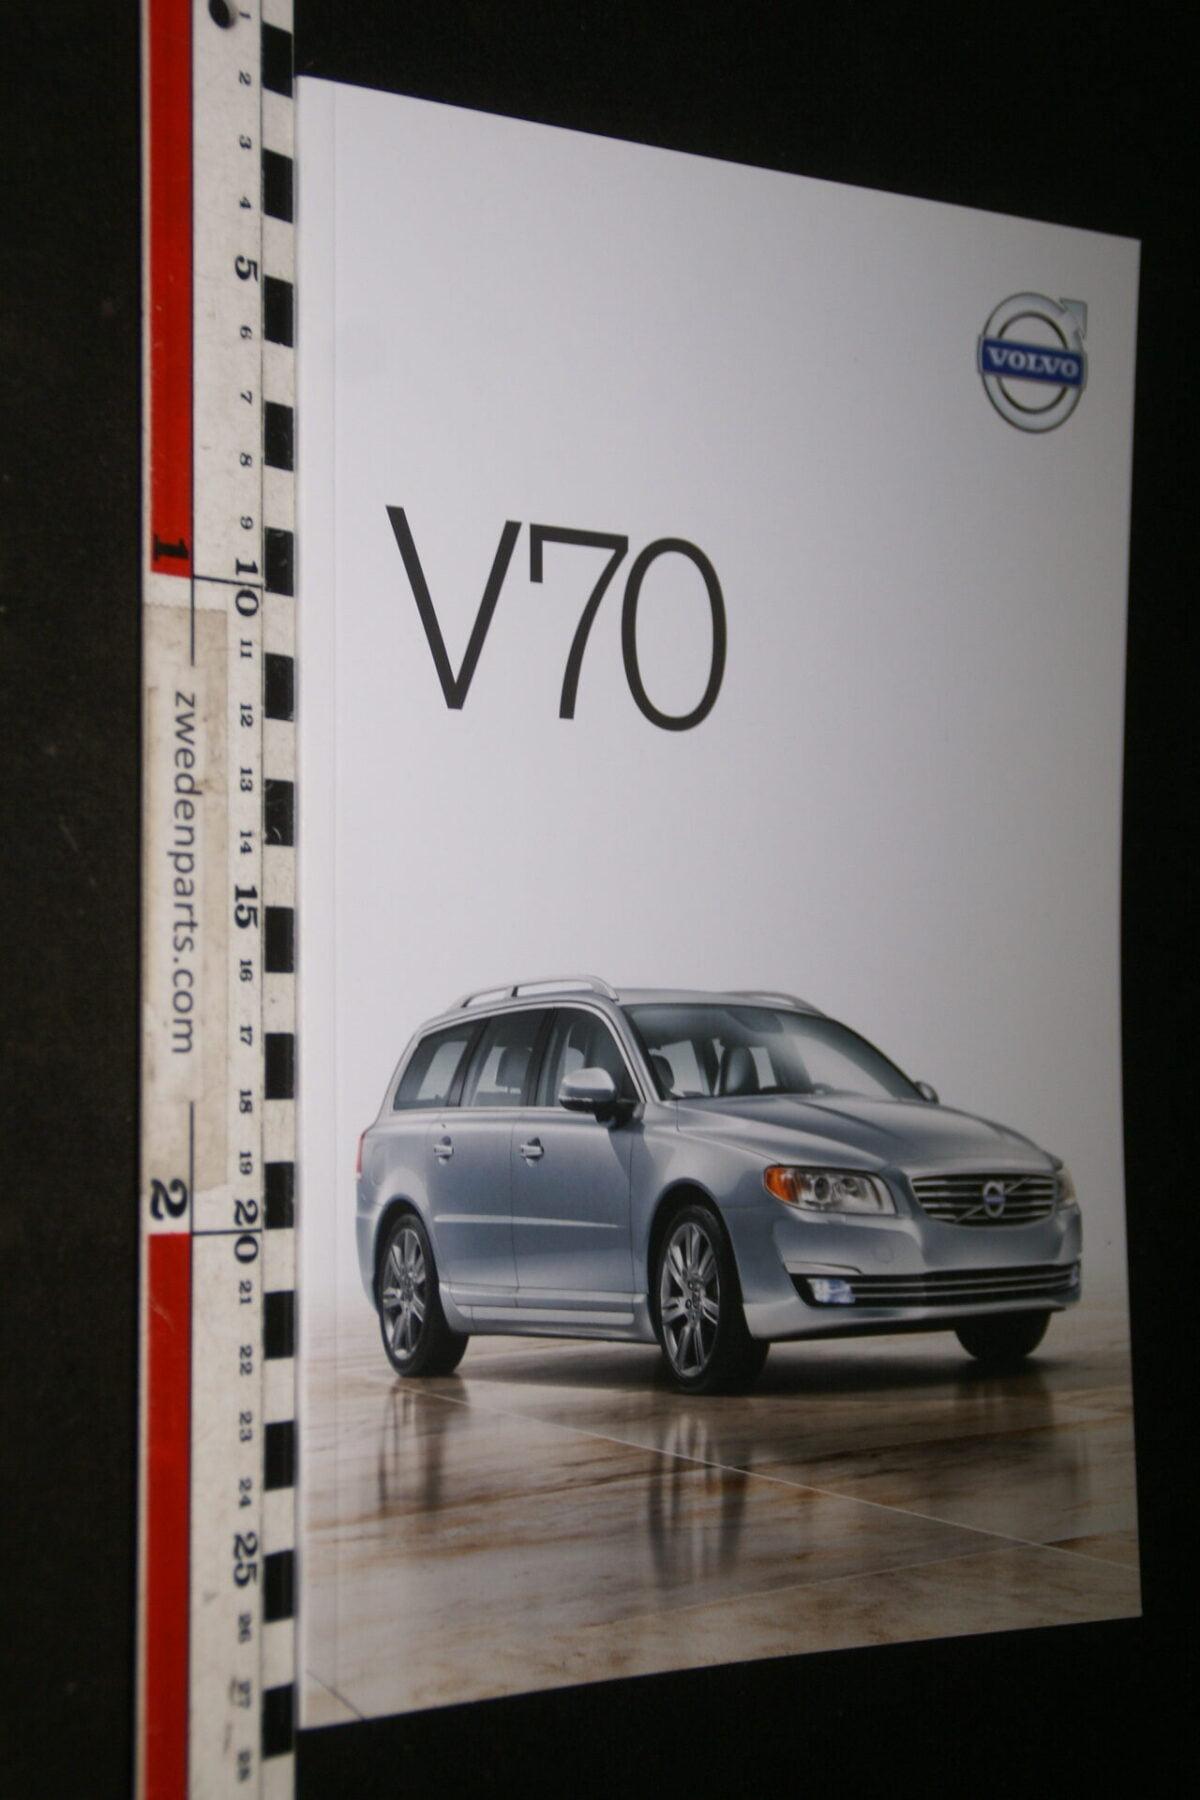 DSC05273 ca 2008 originele brochure Volvo V70-0e1d4085